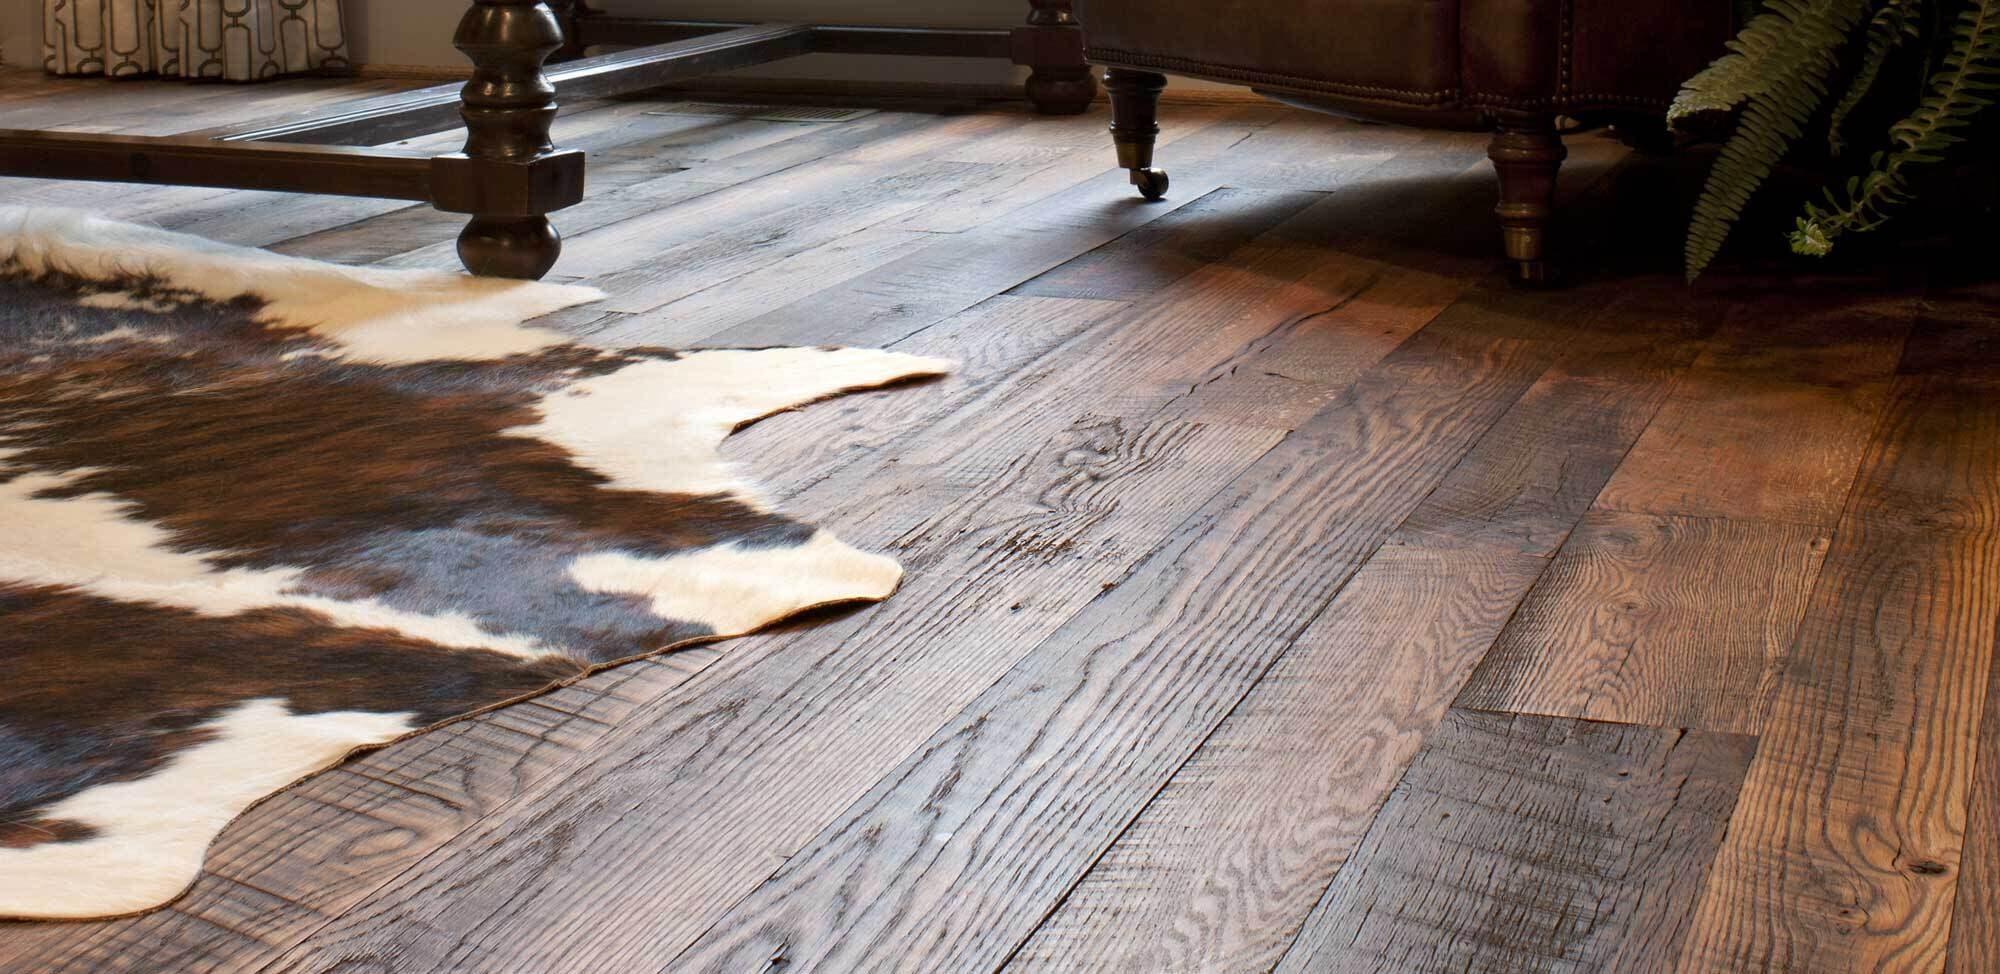 Reclaimed engineered wood flooring with rustic look.